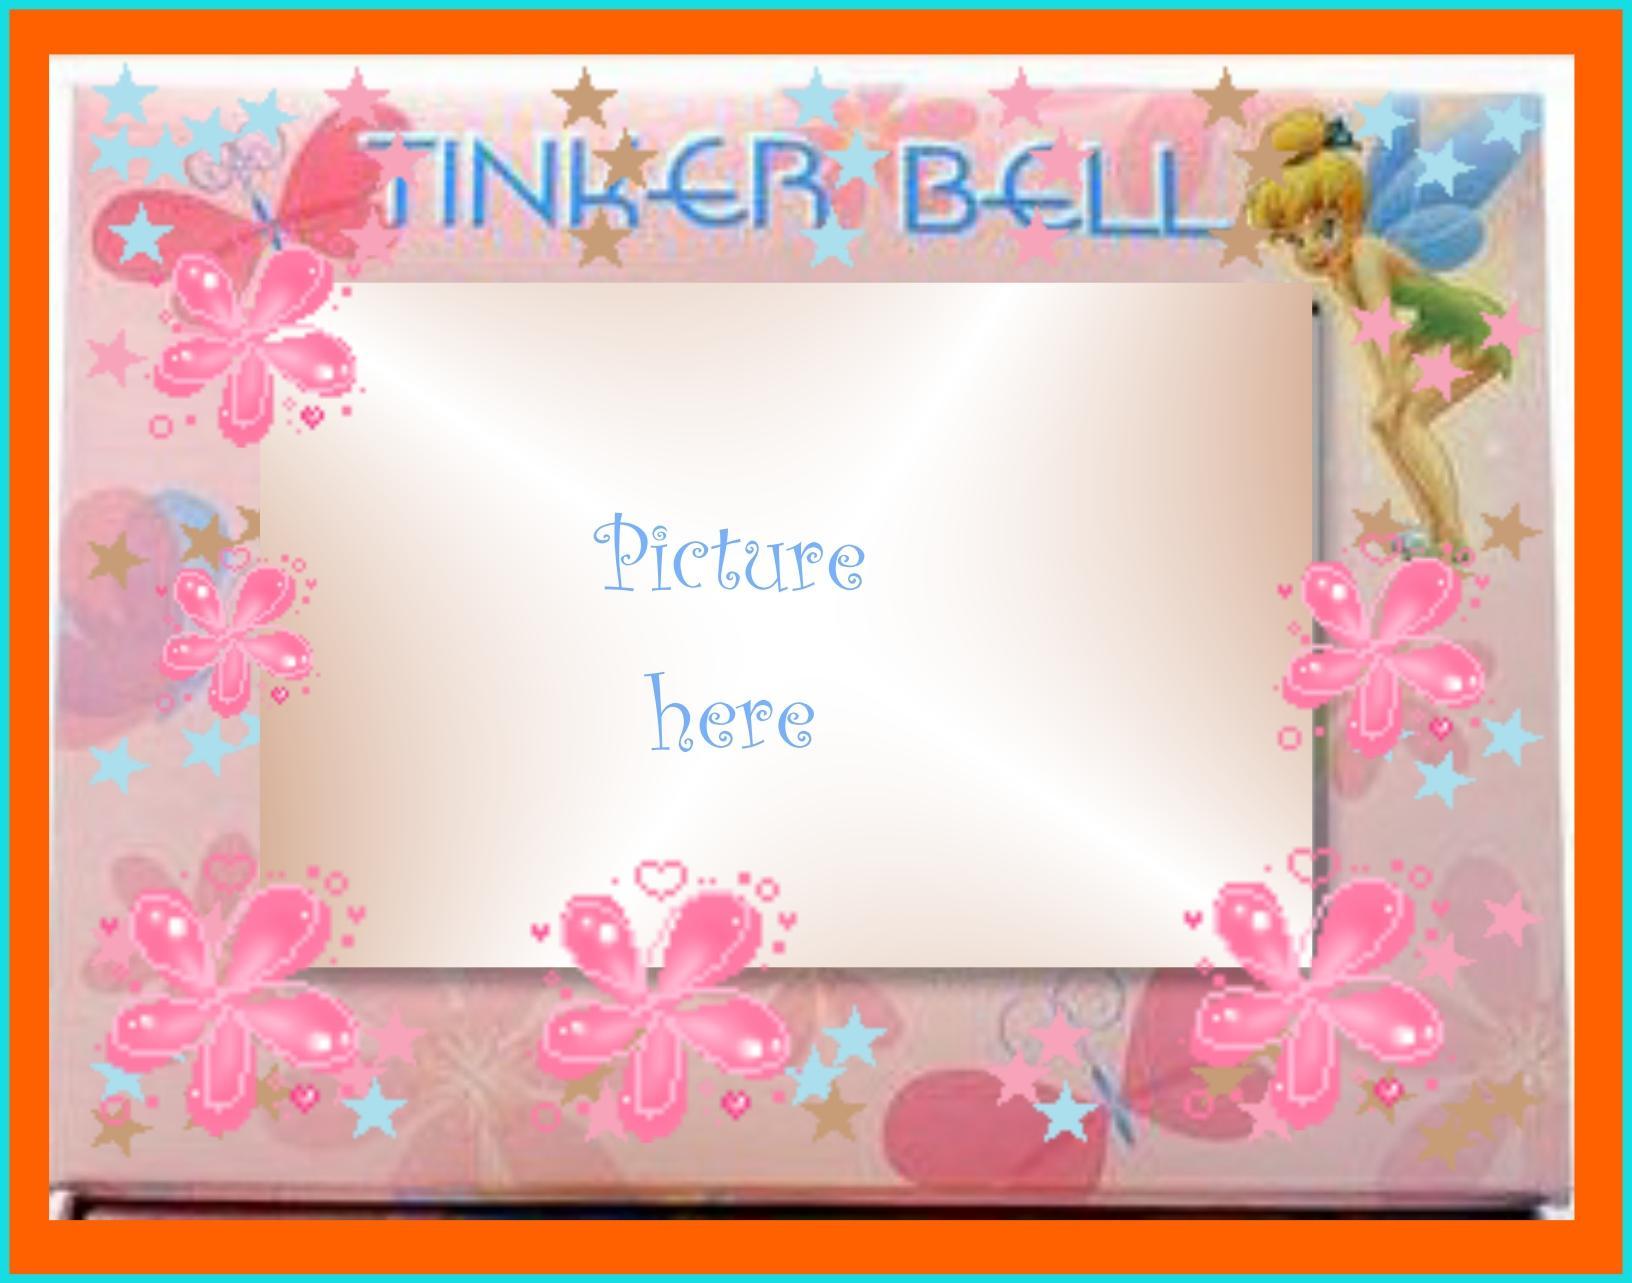 Imikimi Zo - Babie Frames - tinkerbell frame #Lornaunabia #babies ...